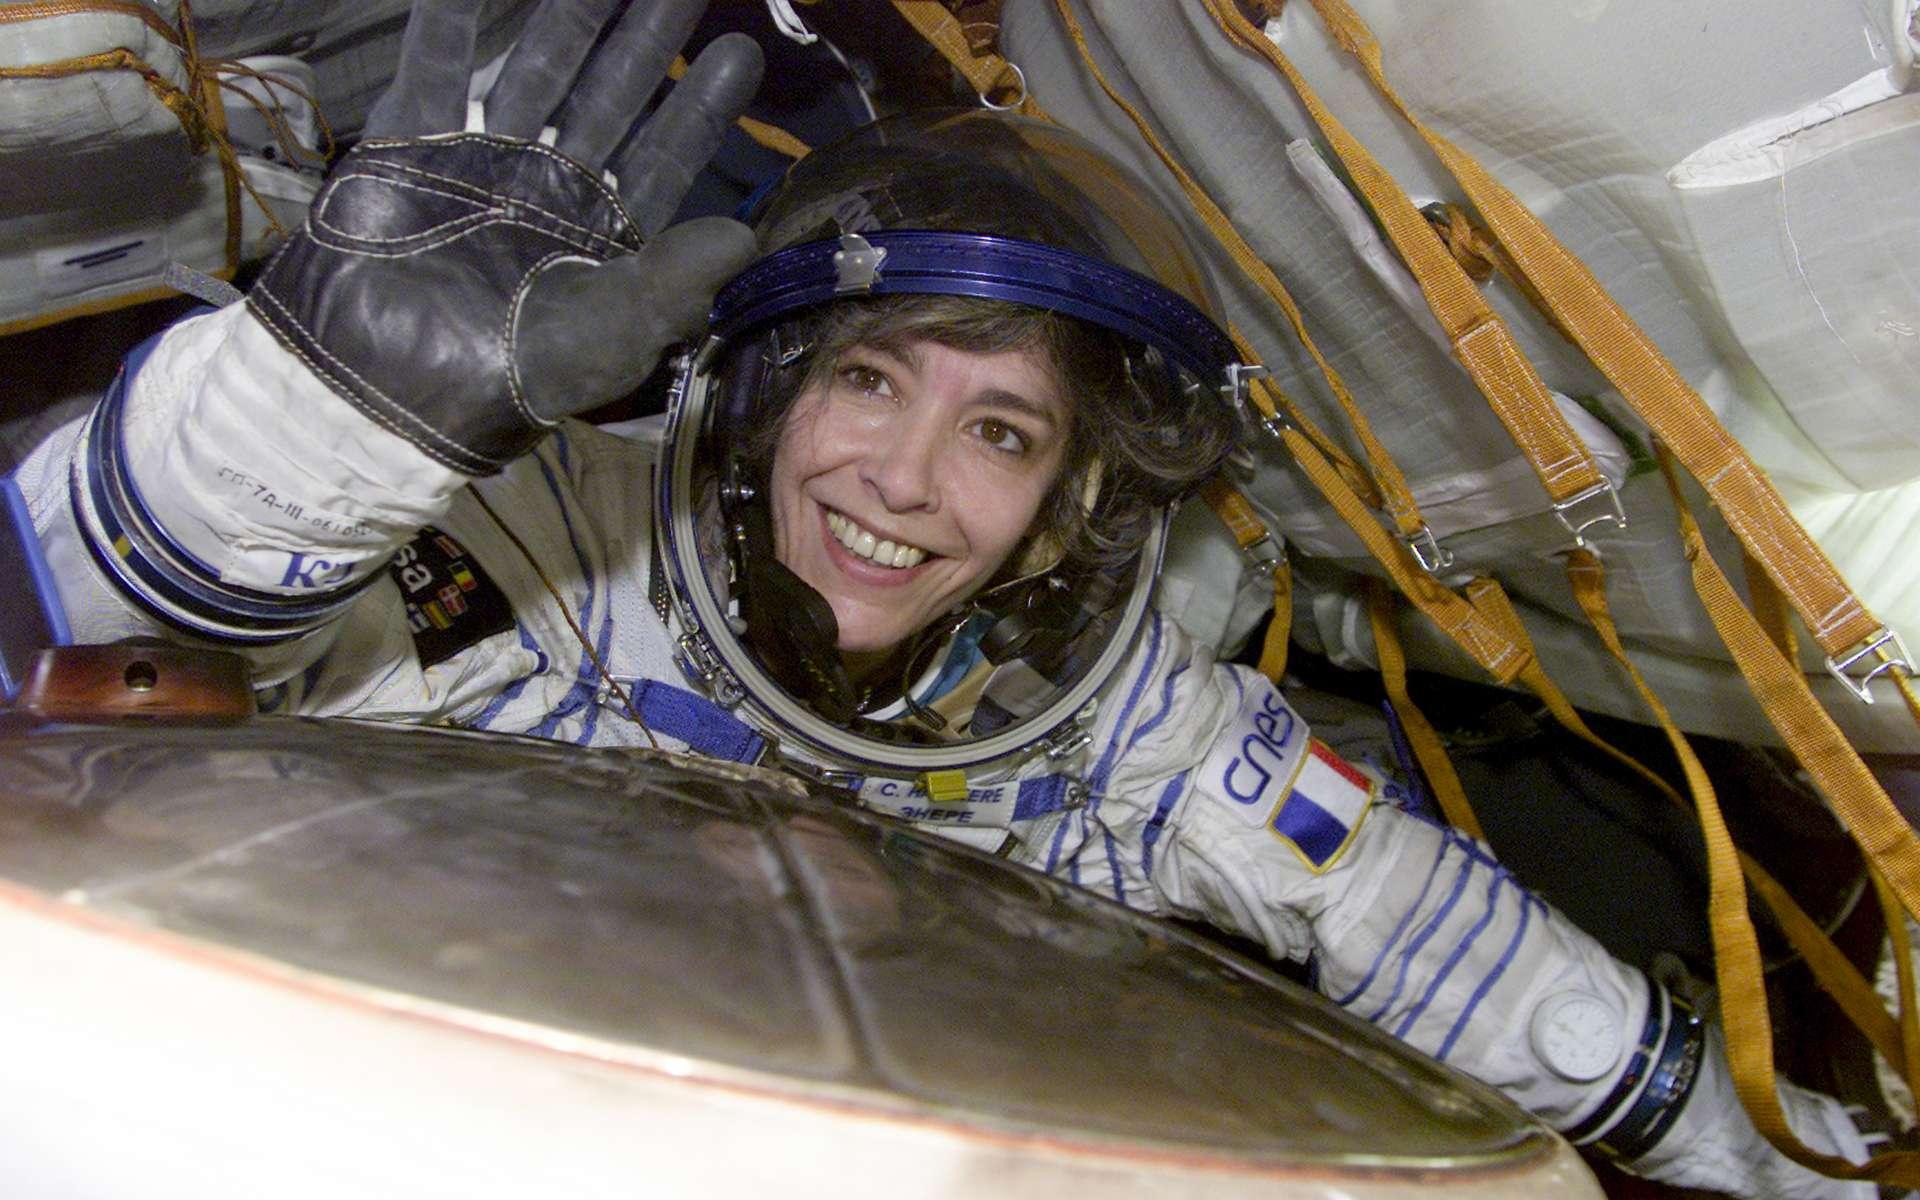 Claudie Haigneré, lors de son retour sur Terre après sa mission Andromède de 10 jours à bord de la Station spatiale internationale. Elle est ici vue à bord de la capsule russe Soyouz TM32 après son atterrissage. © ESA, S. Corvaja